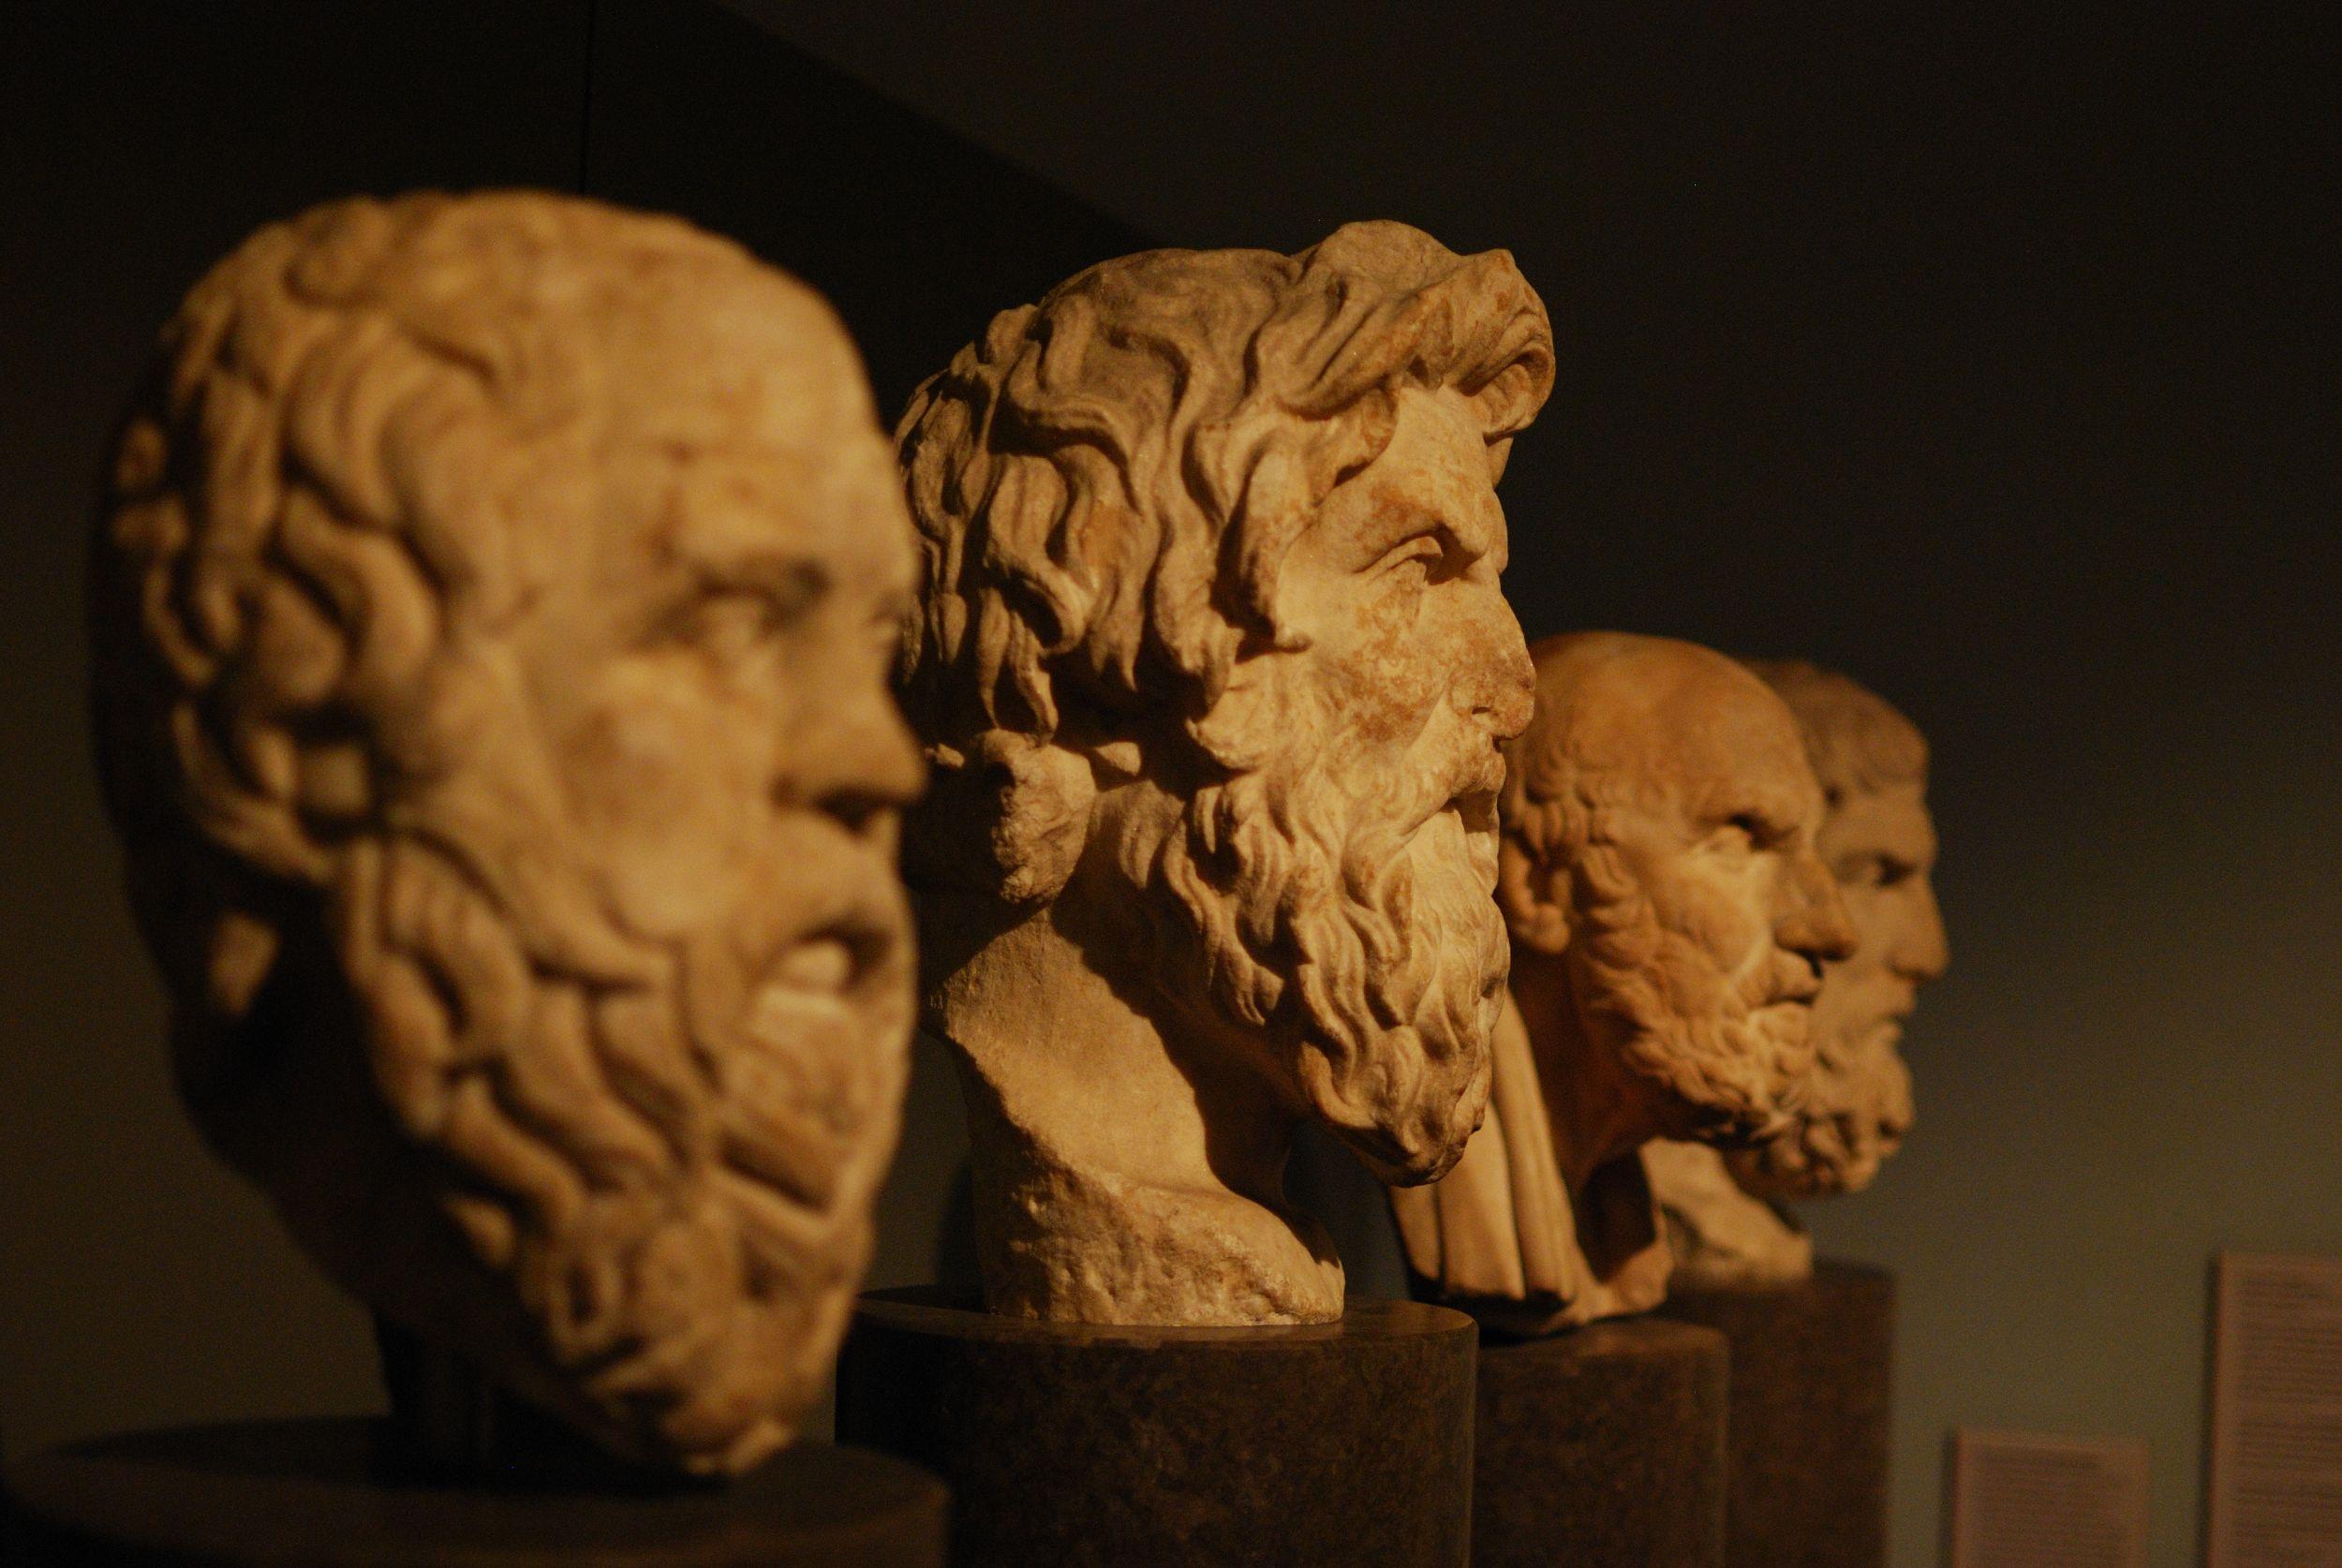 Greek_philosopher_busts.jpg